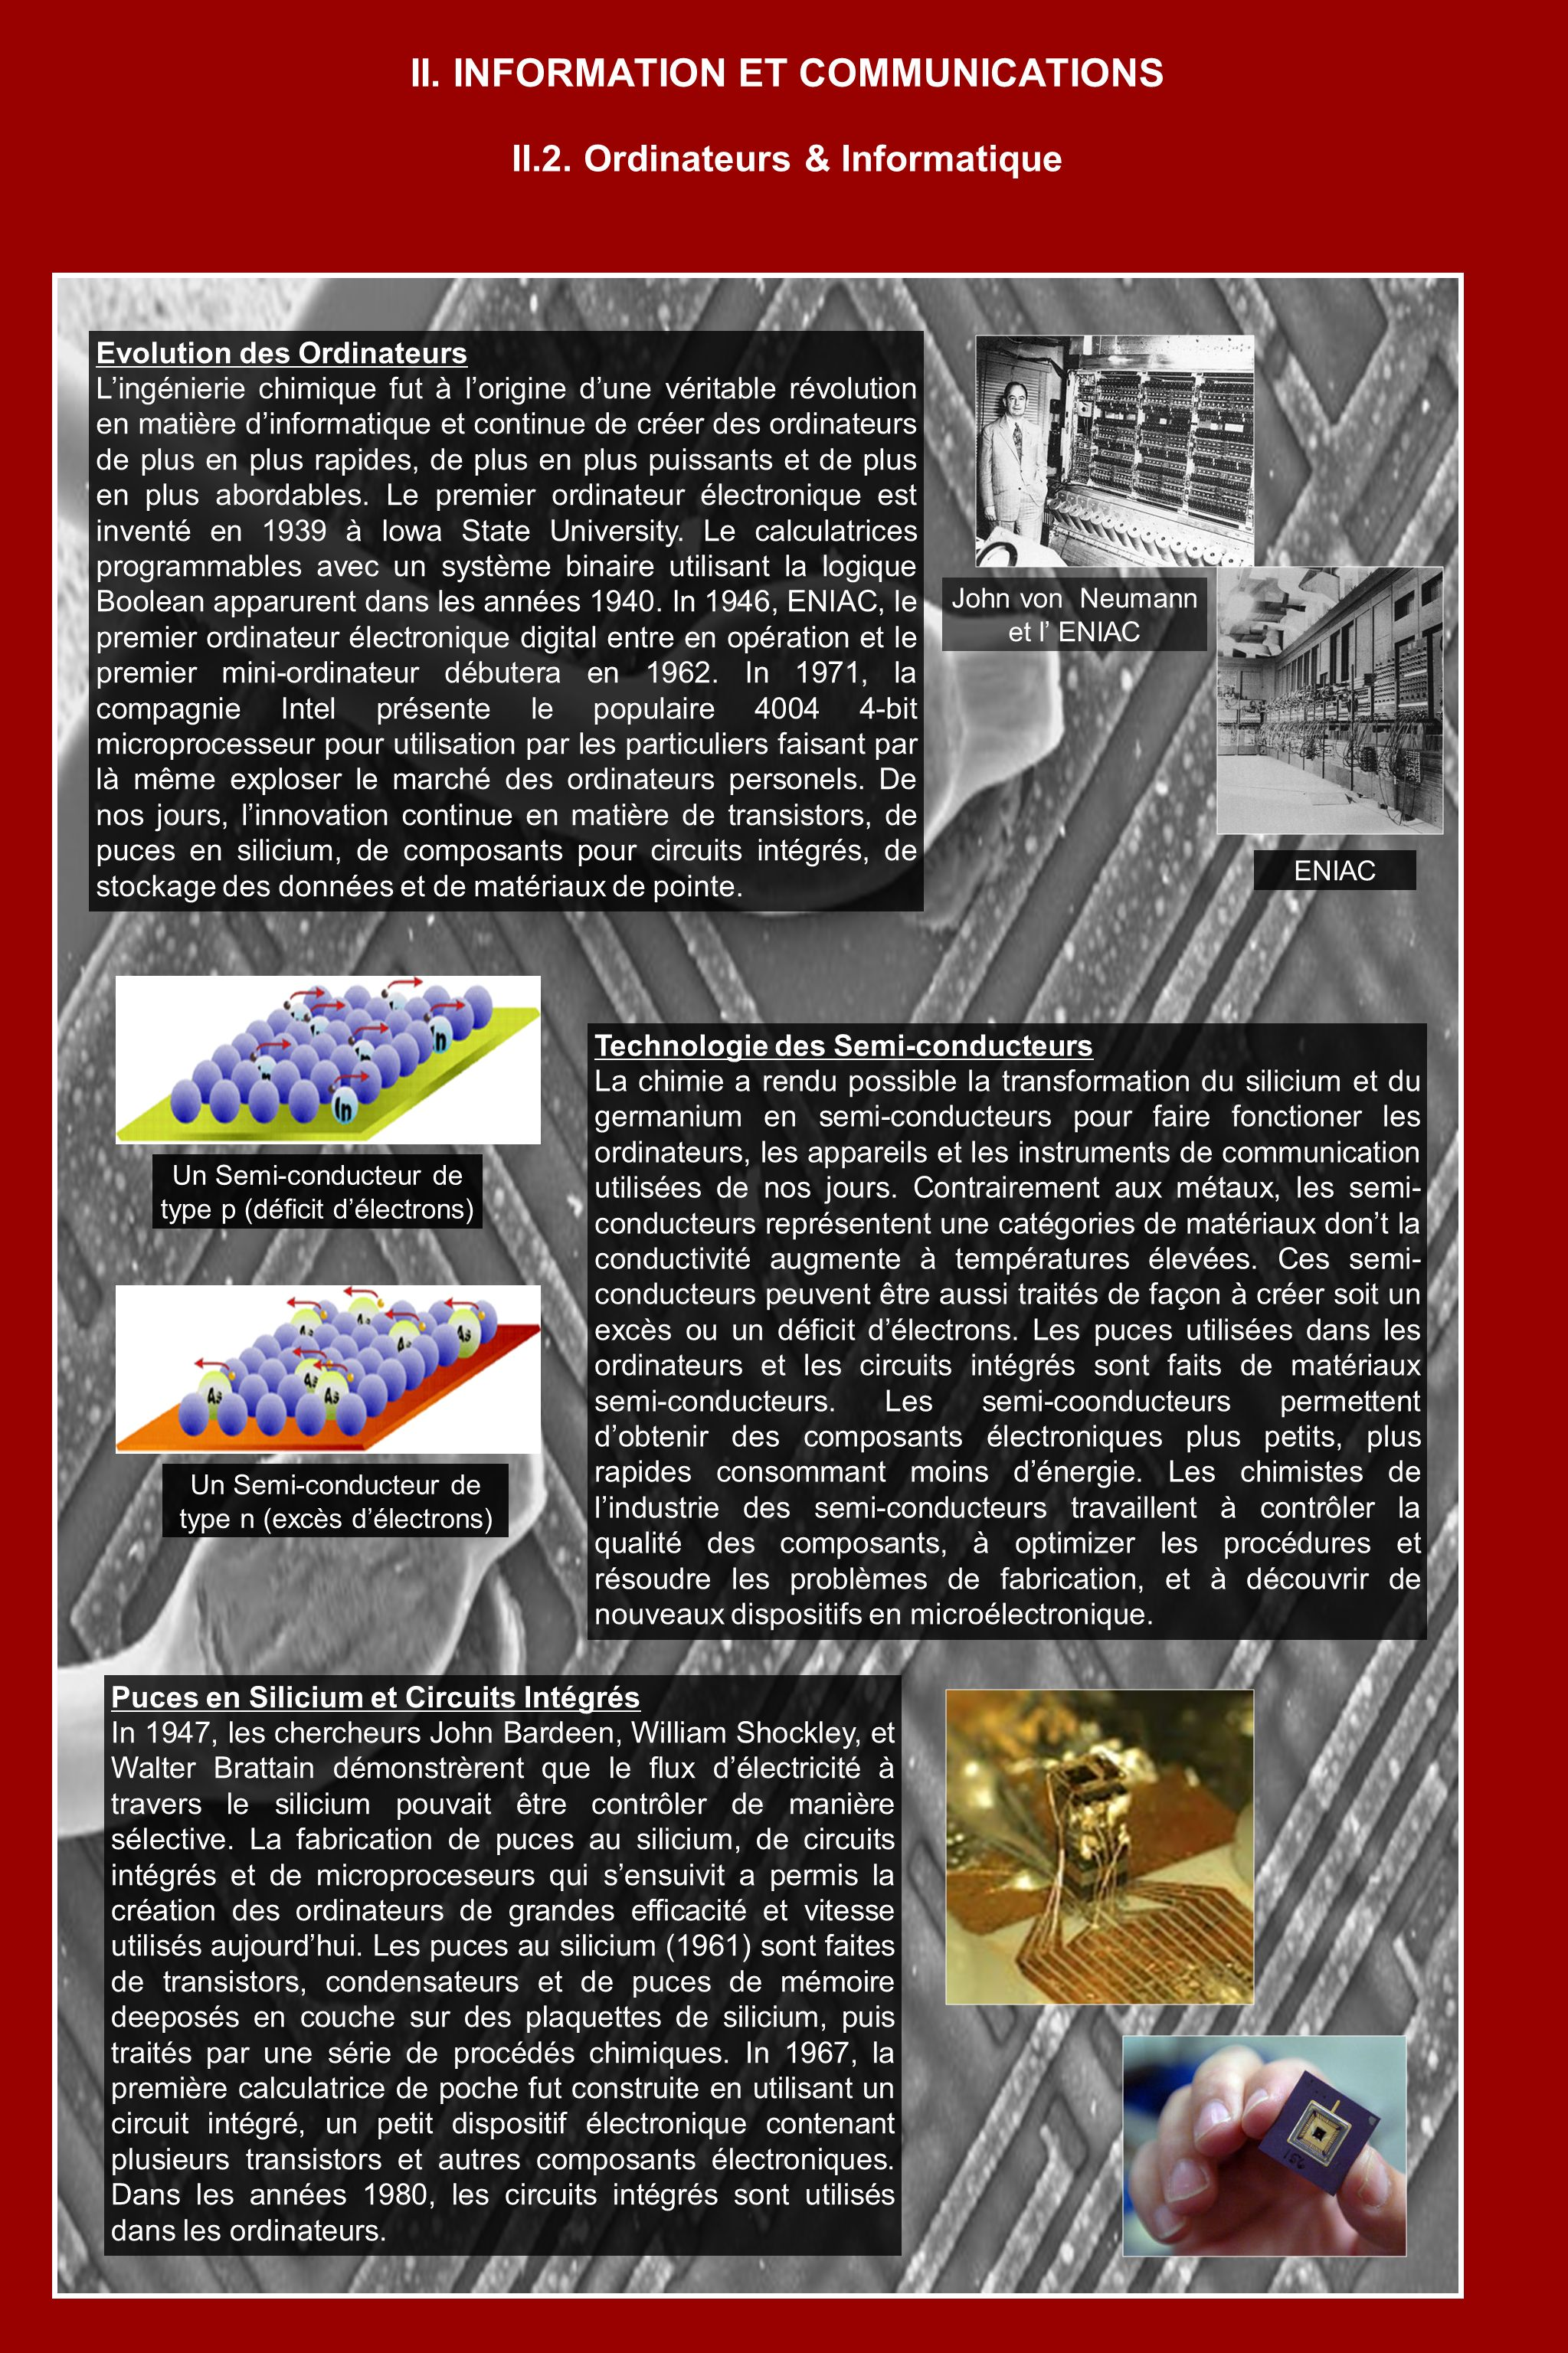 Evolution des Ordinateurs Lingénierie chimique fut à lorigine dune véritable révolution en matière dinformatique et continue de créer des ordinateurs